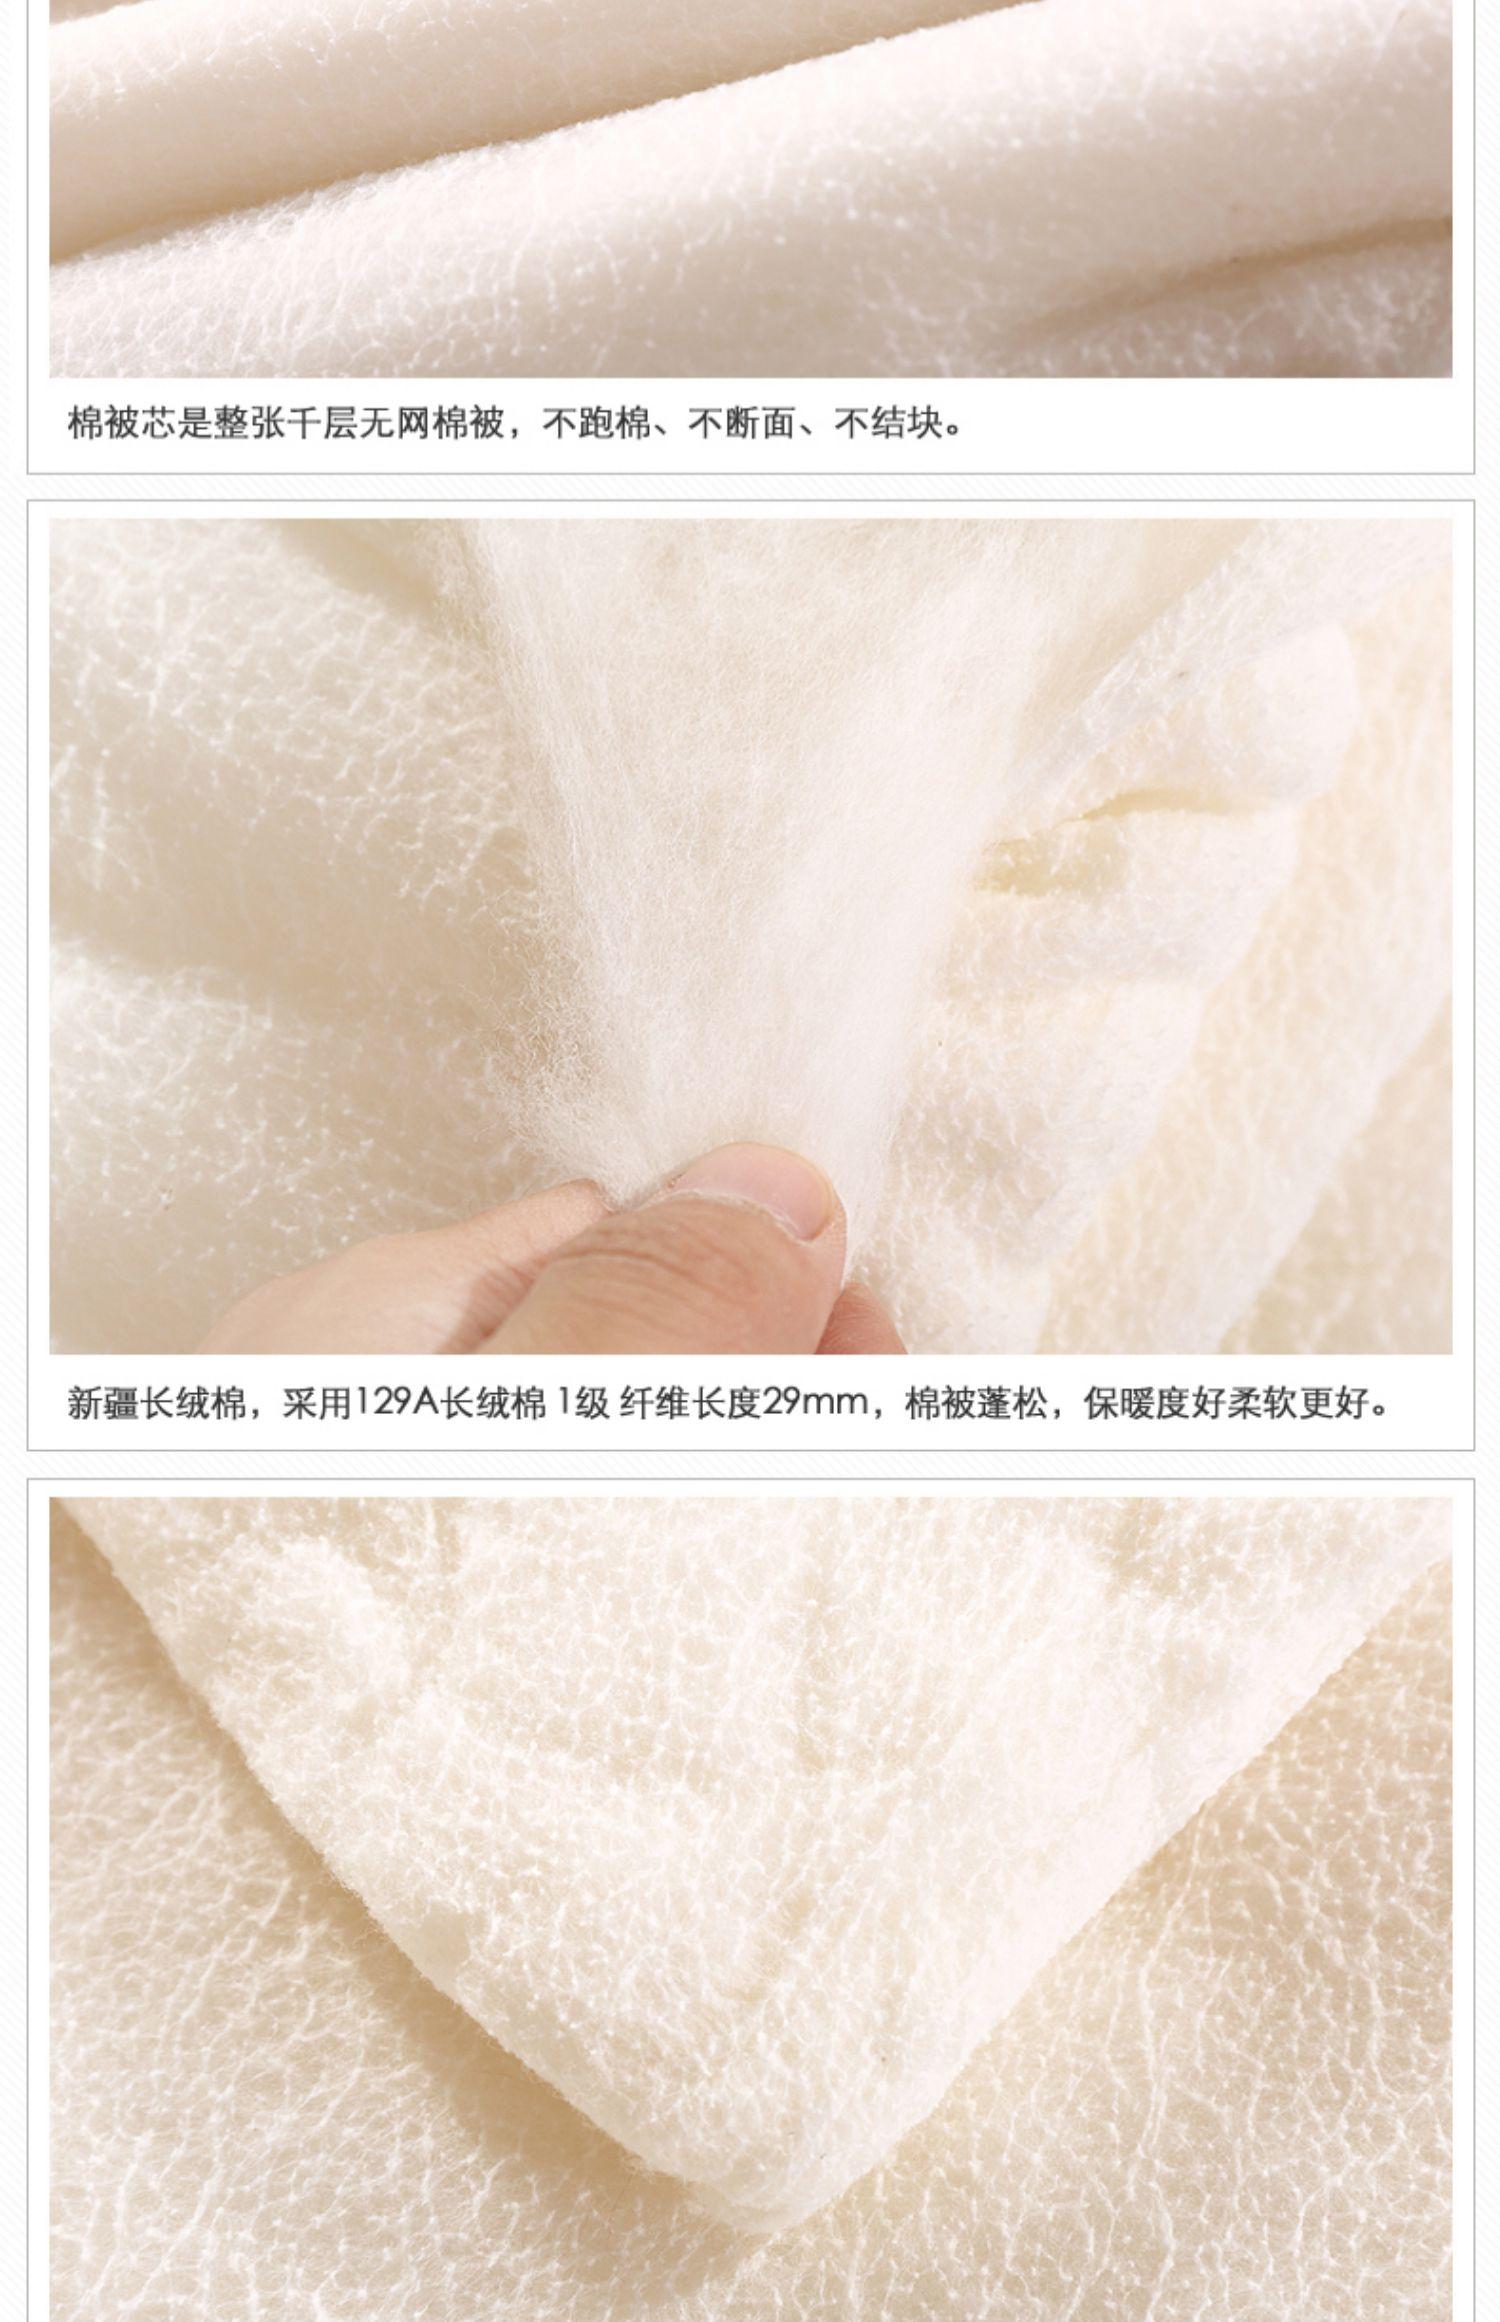 棉花被新疆长绒棉被棉絮被芯垫被褥棉花被子手工无网被子冬被全棉商品详情图